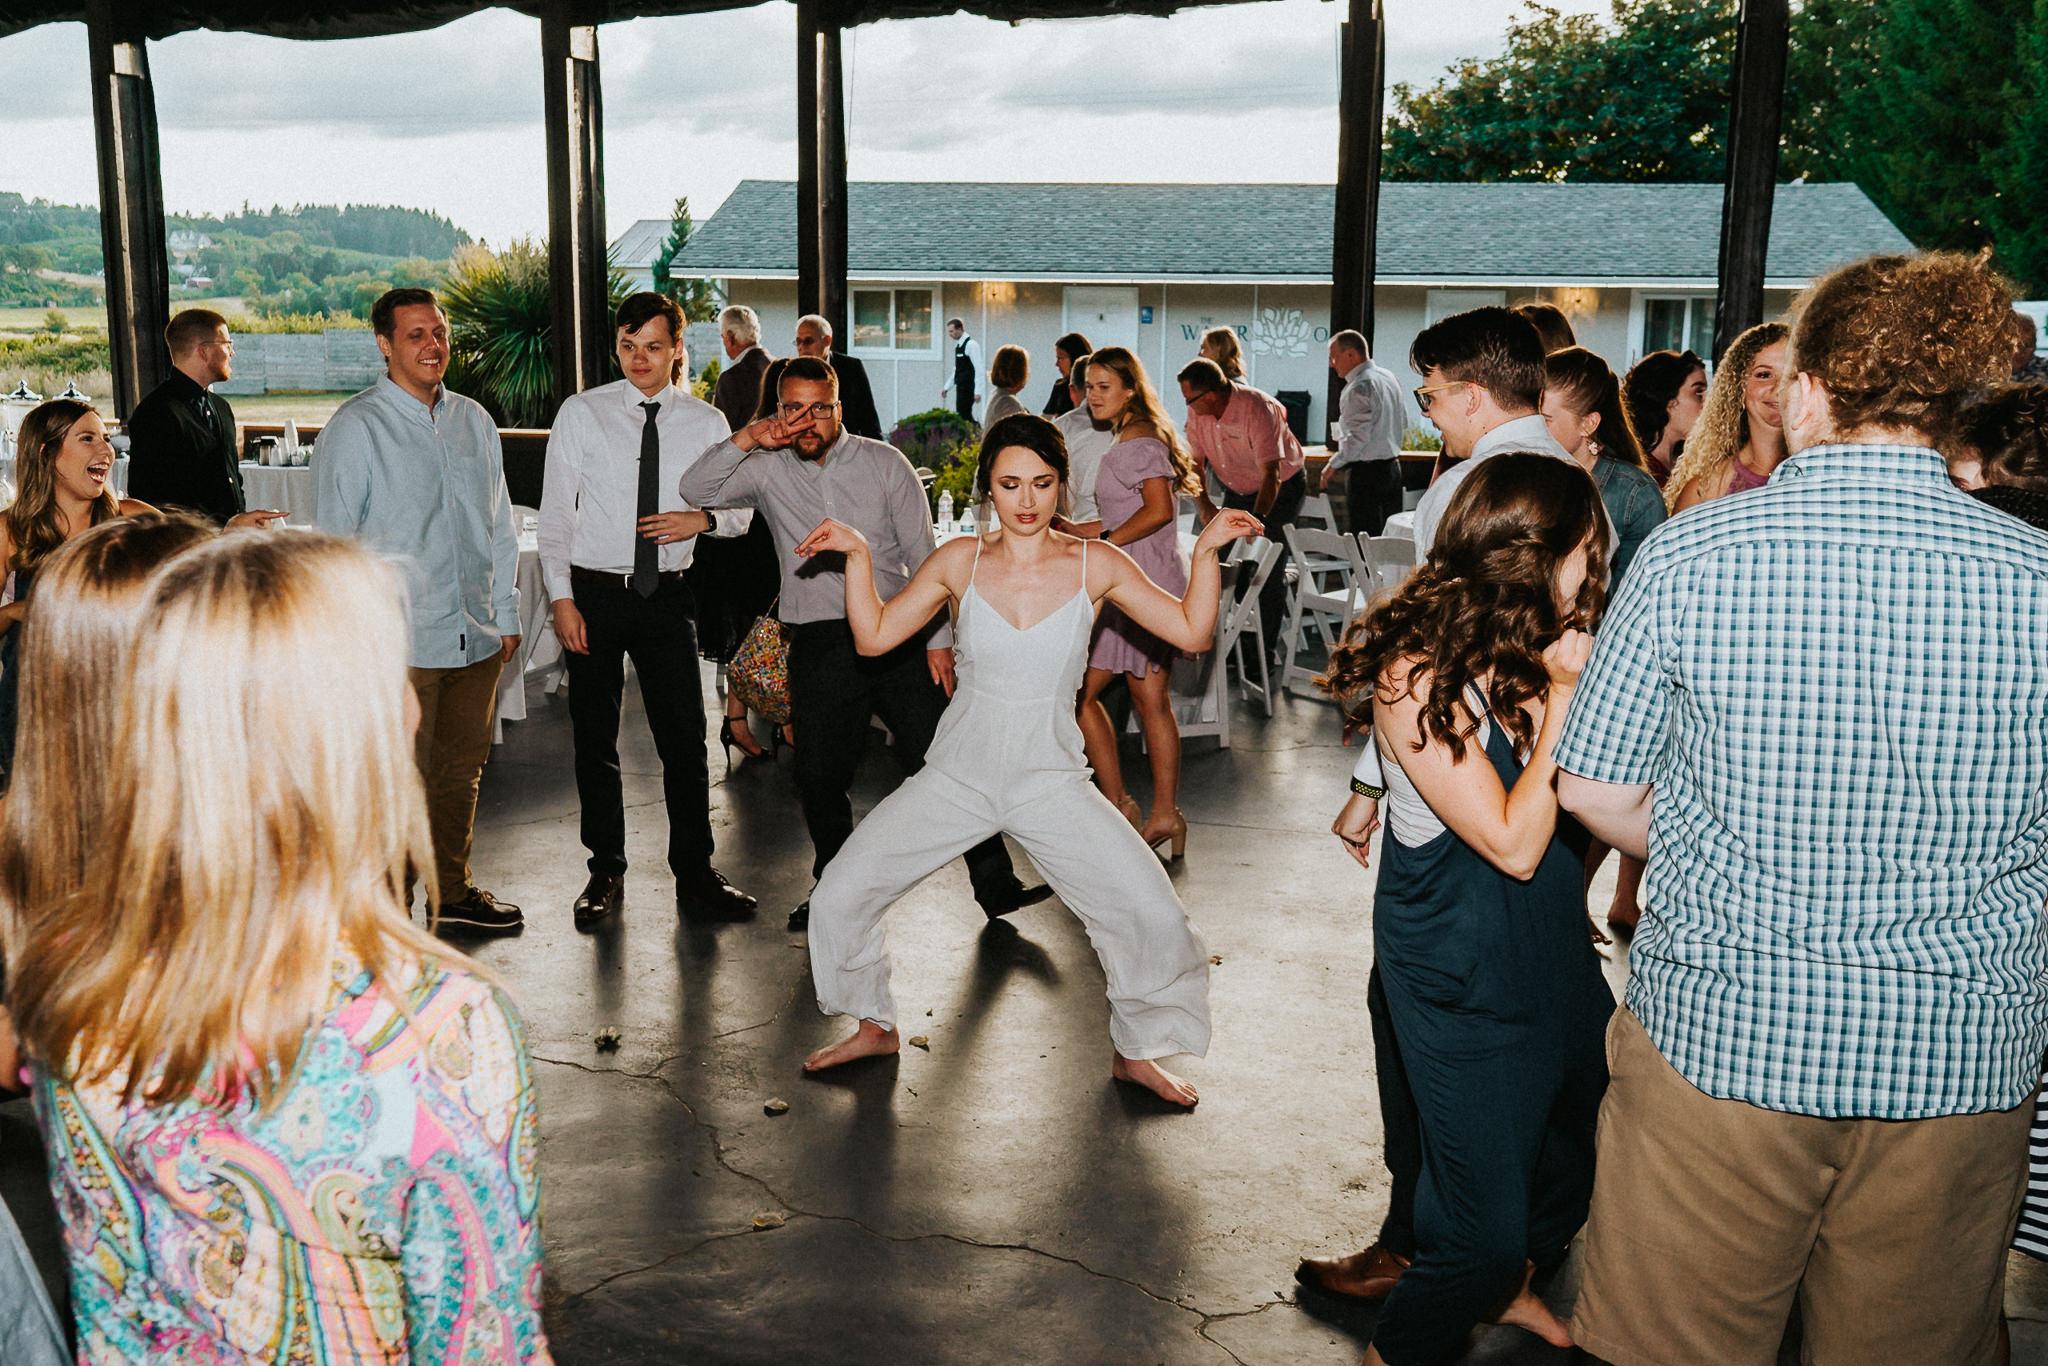 Bride Dance Reception Pantsuit